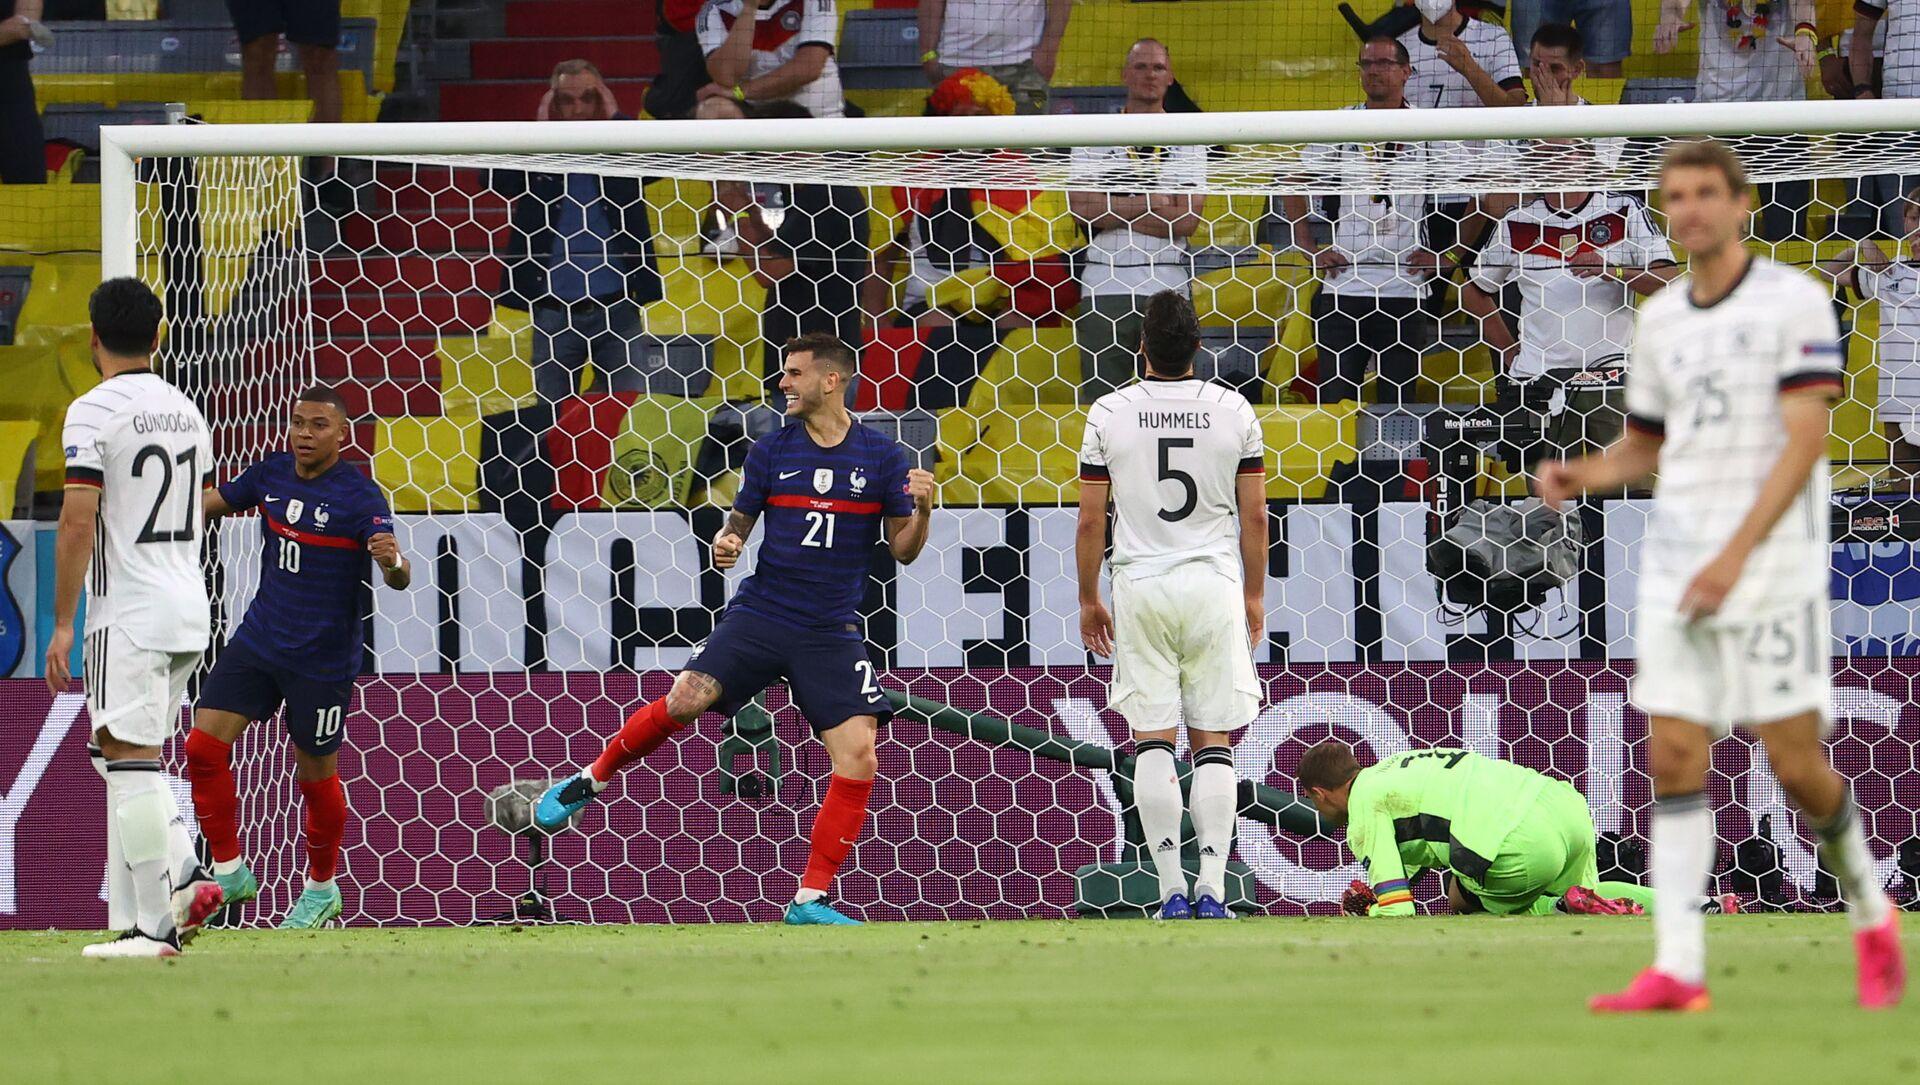 Защитник сборной Германии Матс Хуммельс забил гол в свои ворота в матче со сборной Франции - Sputnik Азербайджан, 1920, 16.06.2021